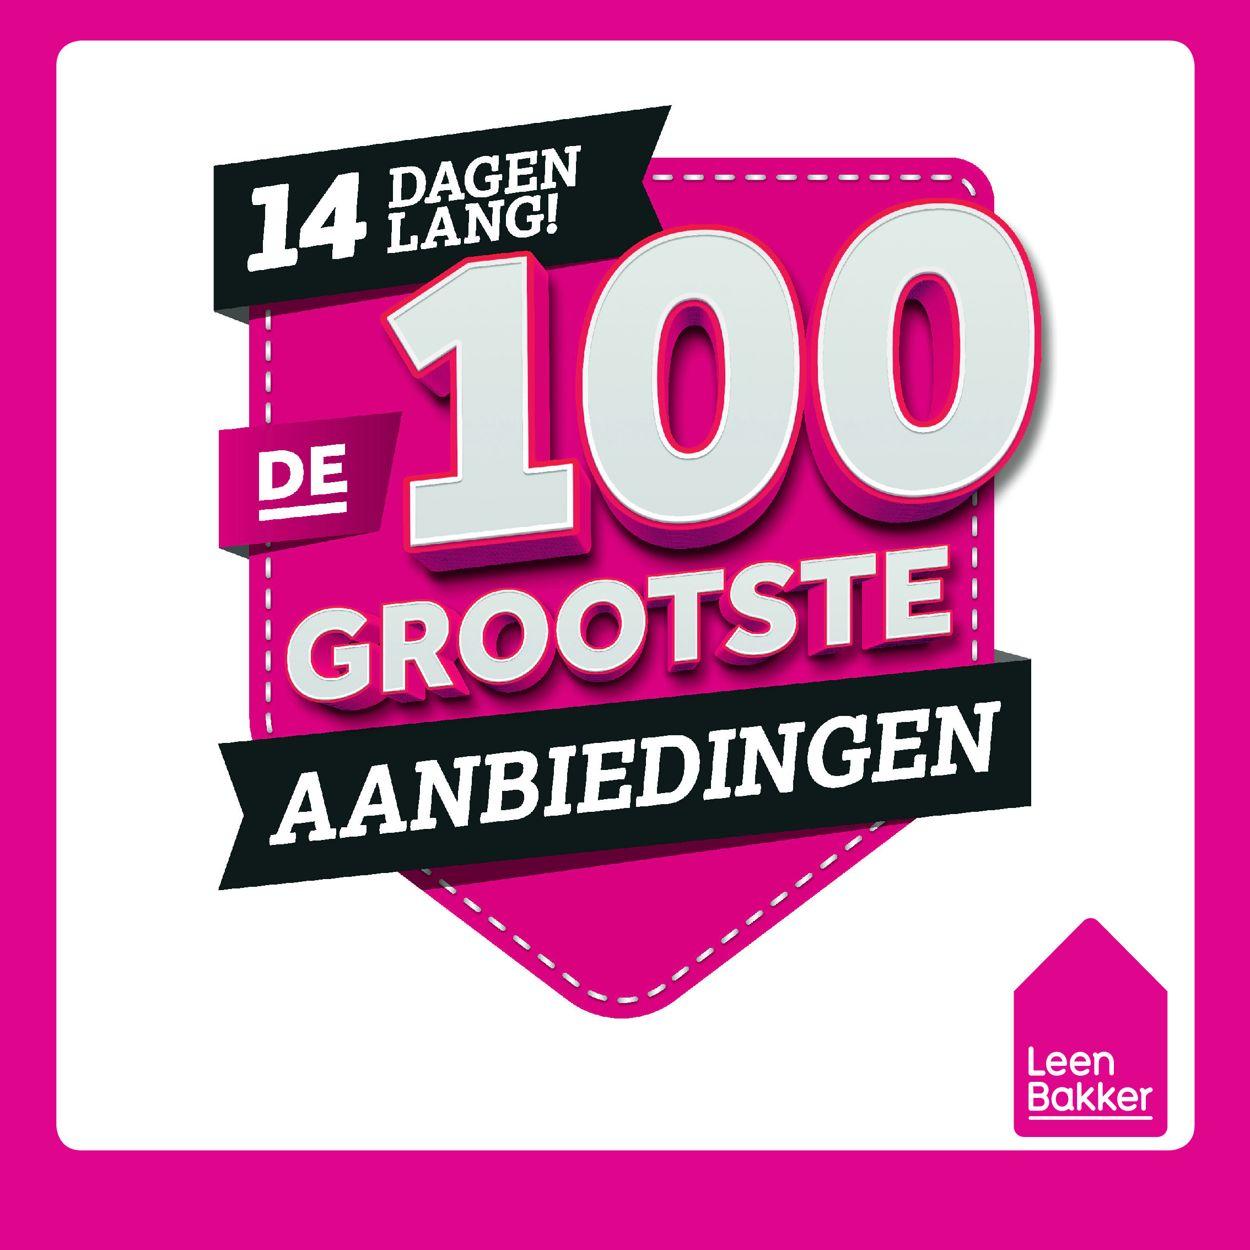 Catalogus van Leen Bakker van 31.08.2020